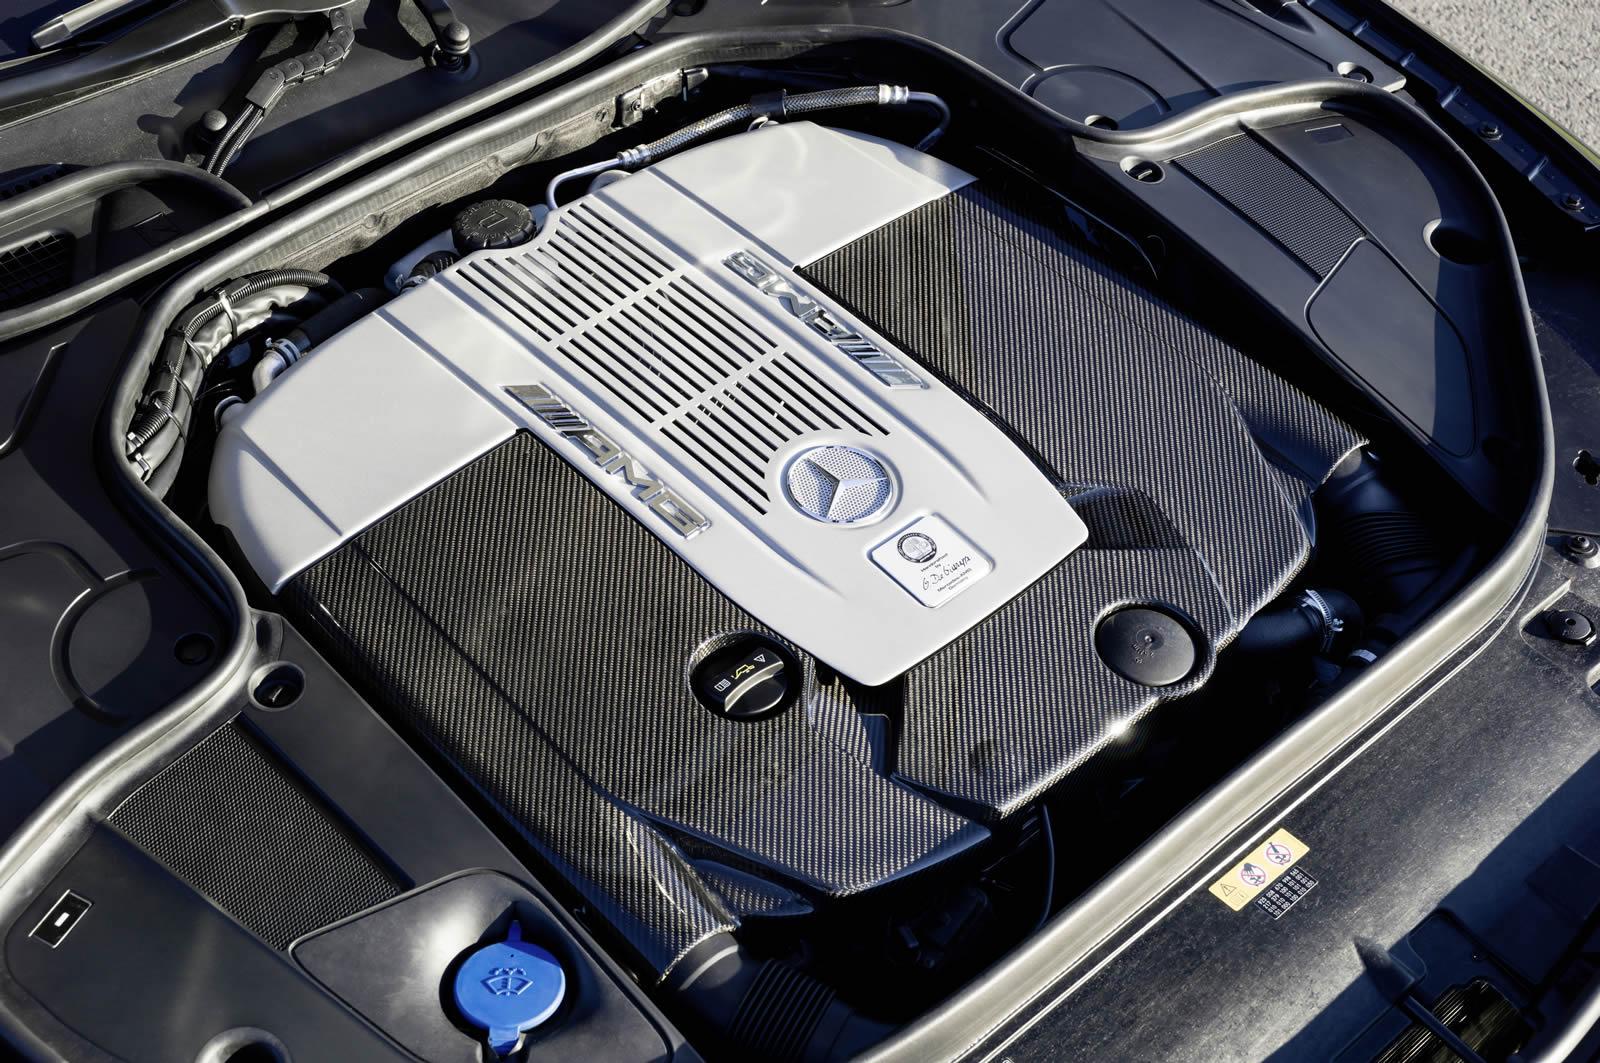 Mercedes benz s65 amg coupe v12 engine for Mercedes benz v12 engine